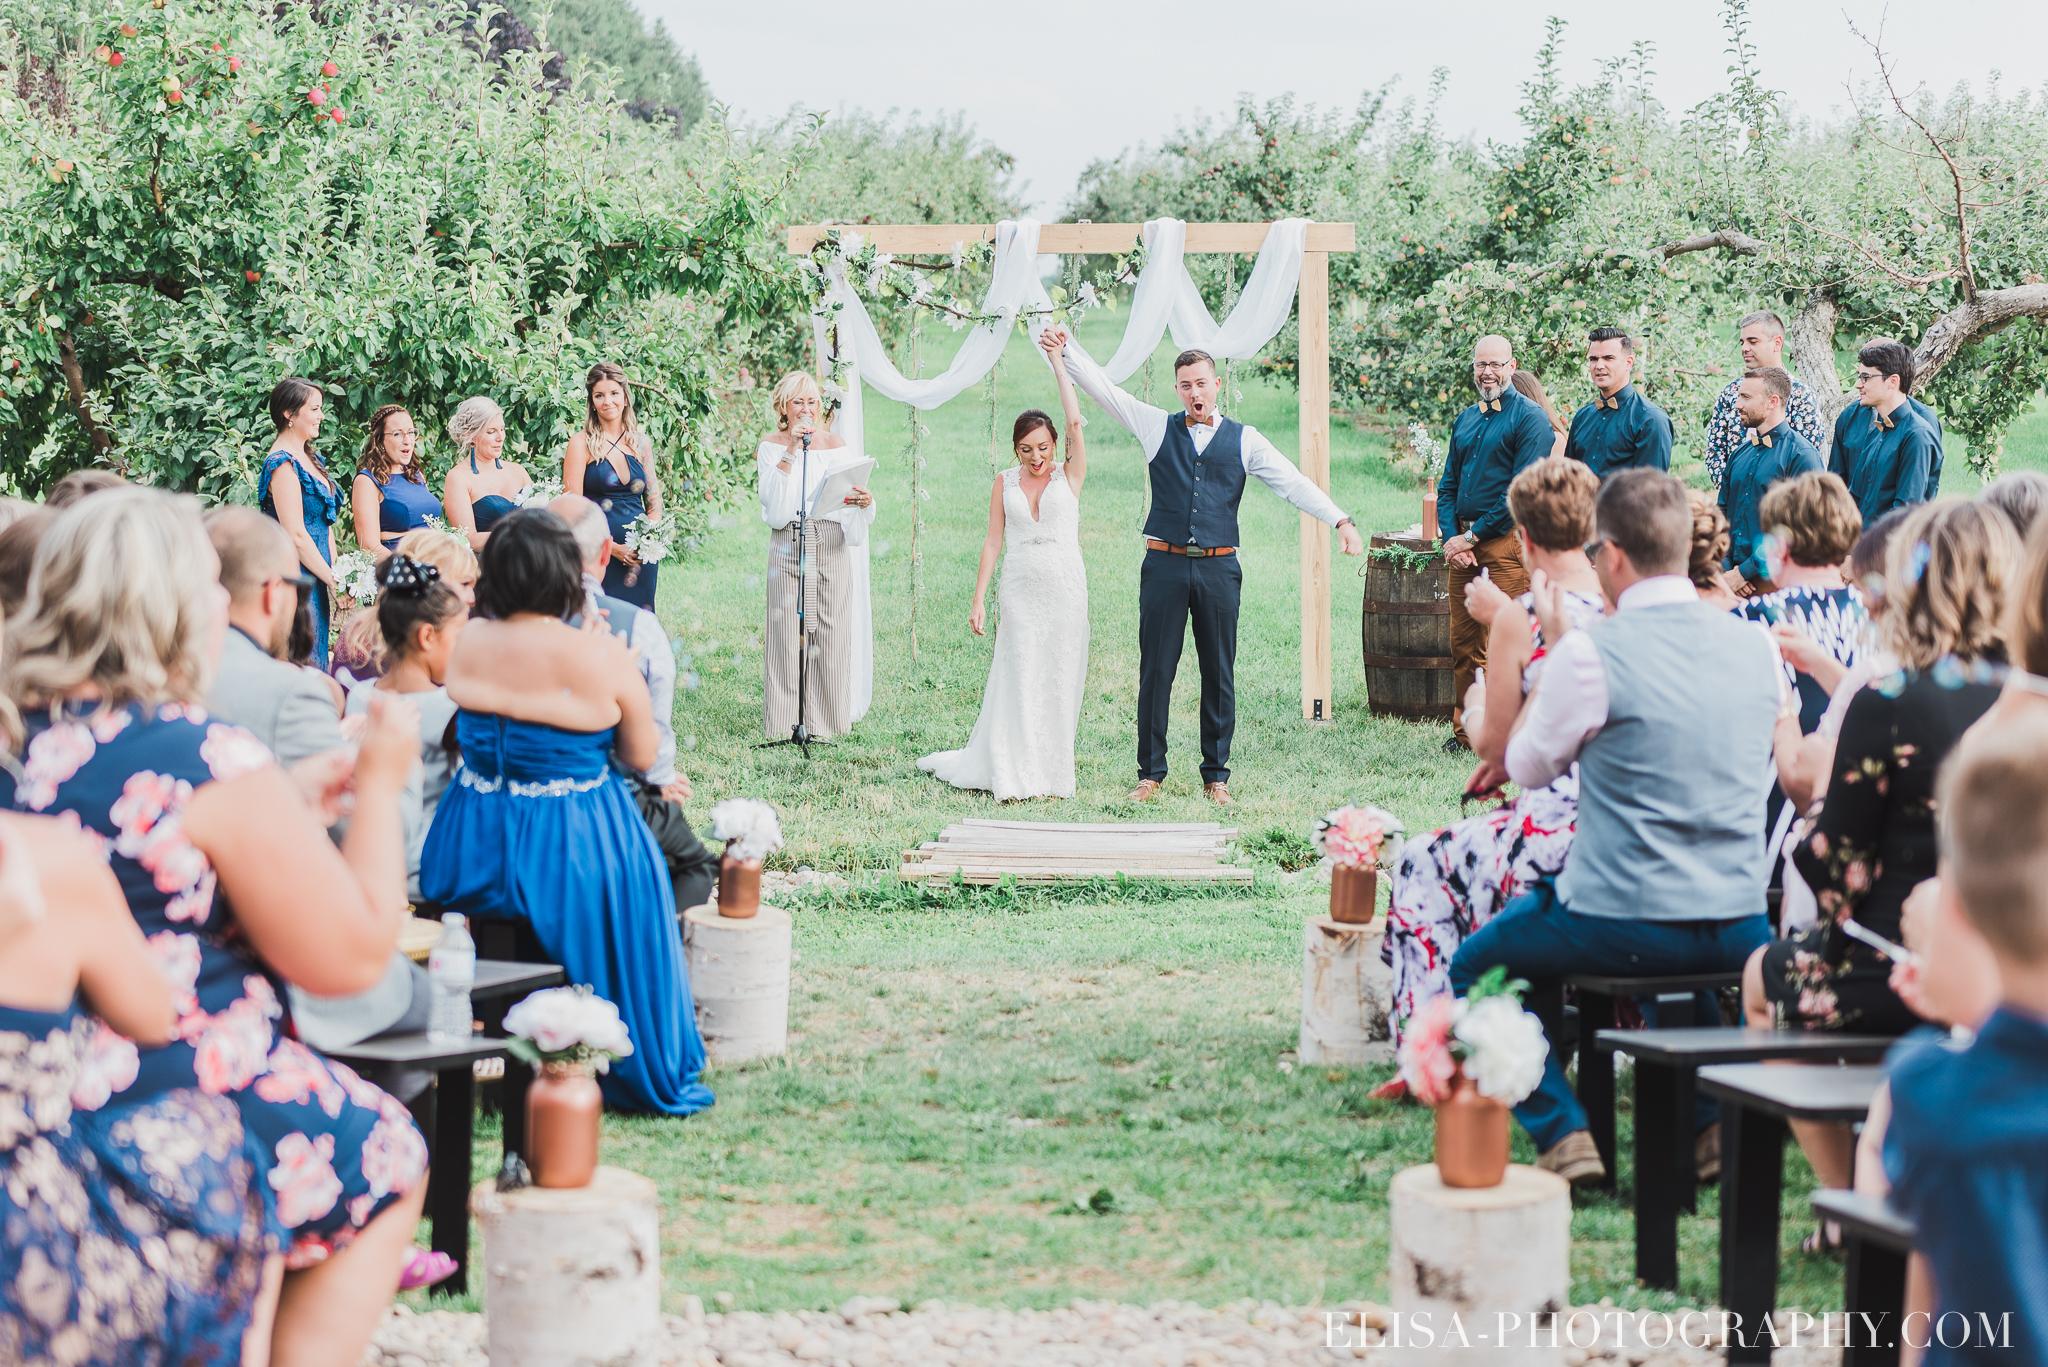 photo mariage ferme genest ceremonie verger pommier quebec 1560 - Smoke bomb et mariage dans les vergers de la Ferme Genest à Saint-Nicolas